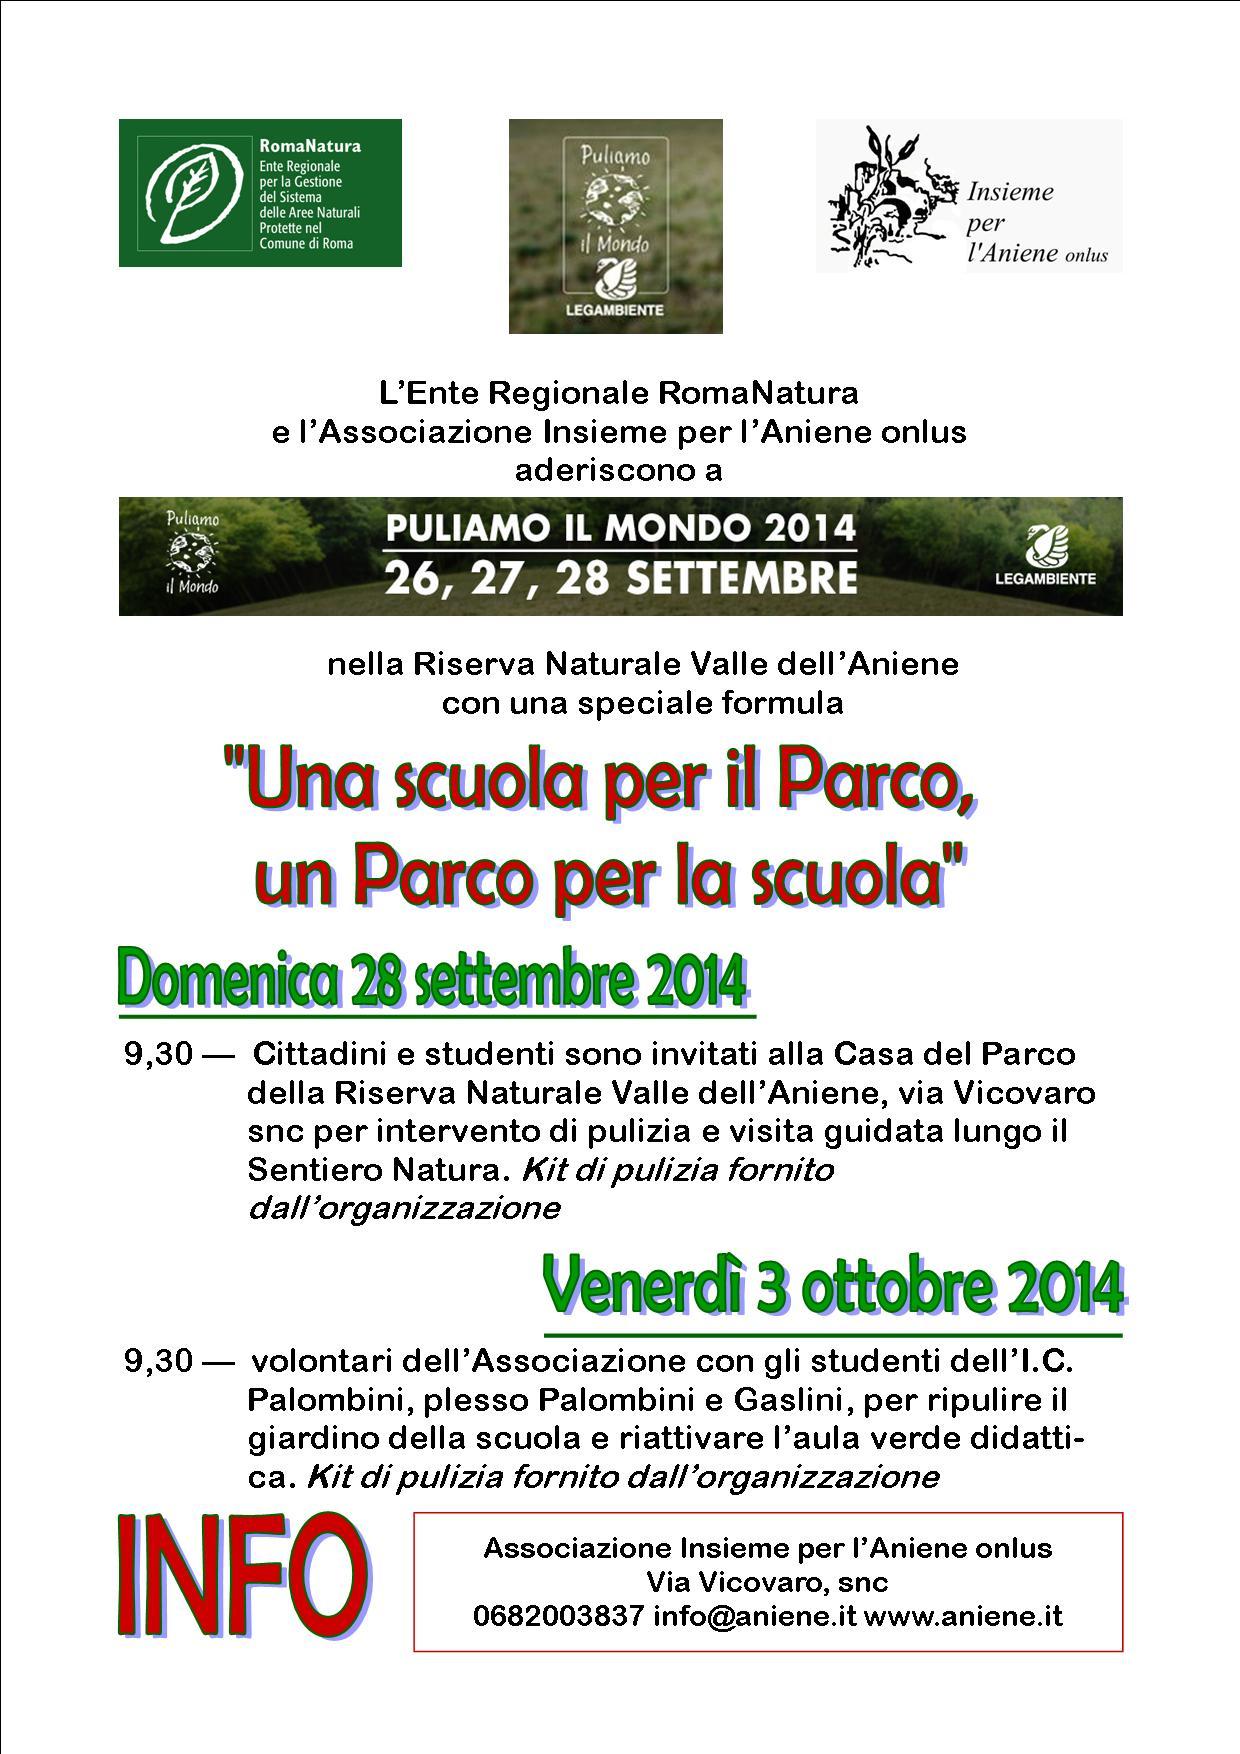 PULIAMO IL MONDO 2014 - LA SCUOLA PER PARCO, IL PARCO PER LA SCUOLA